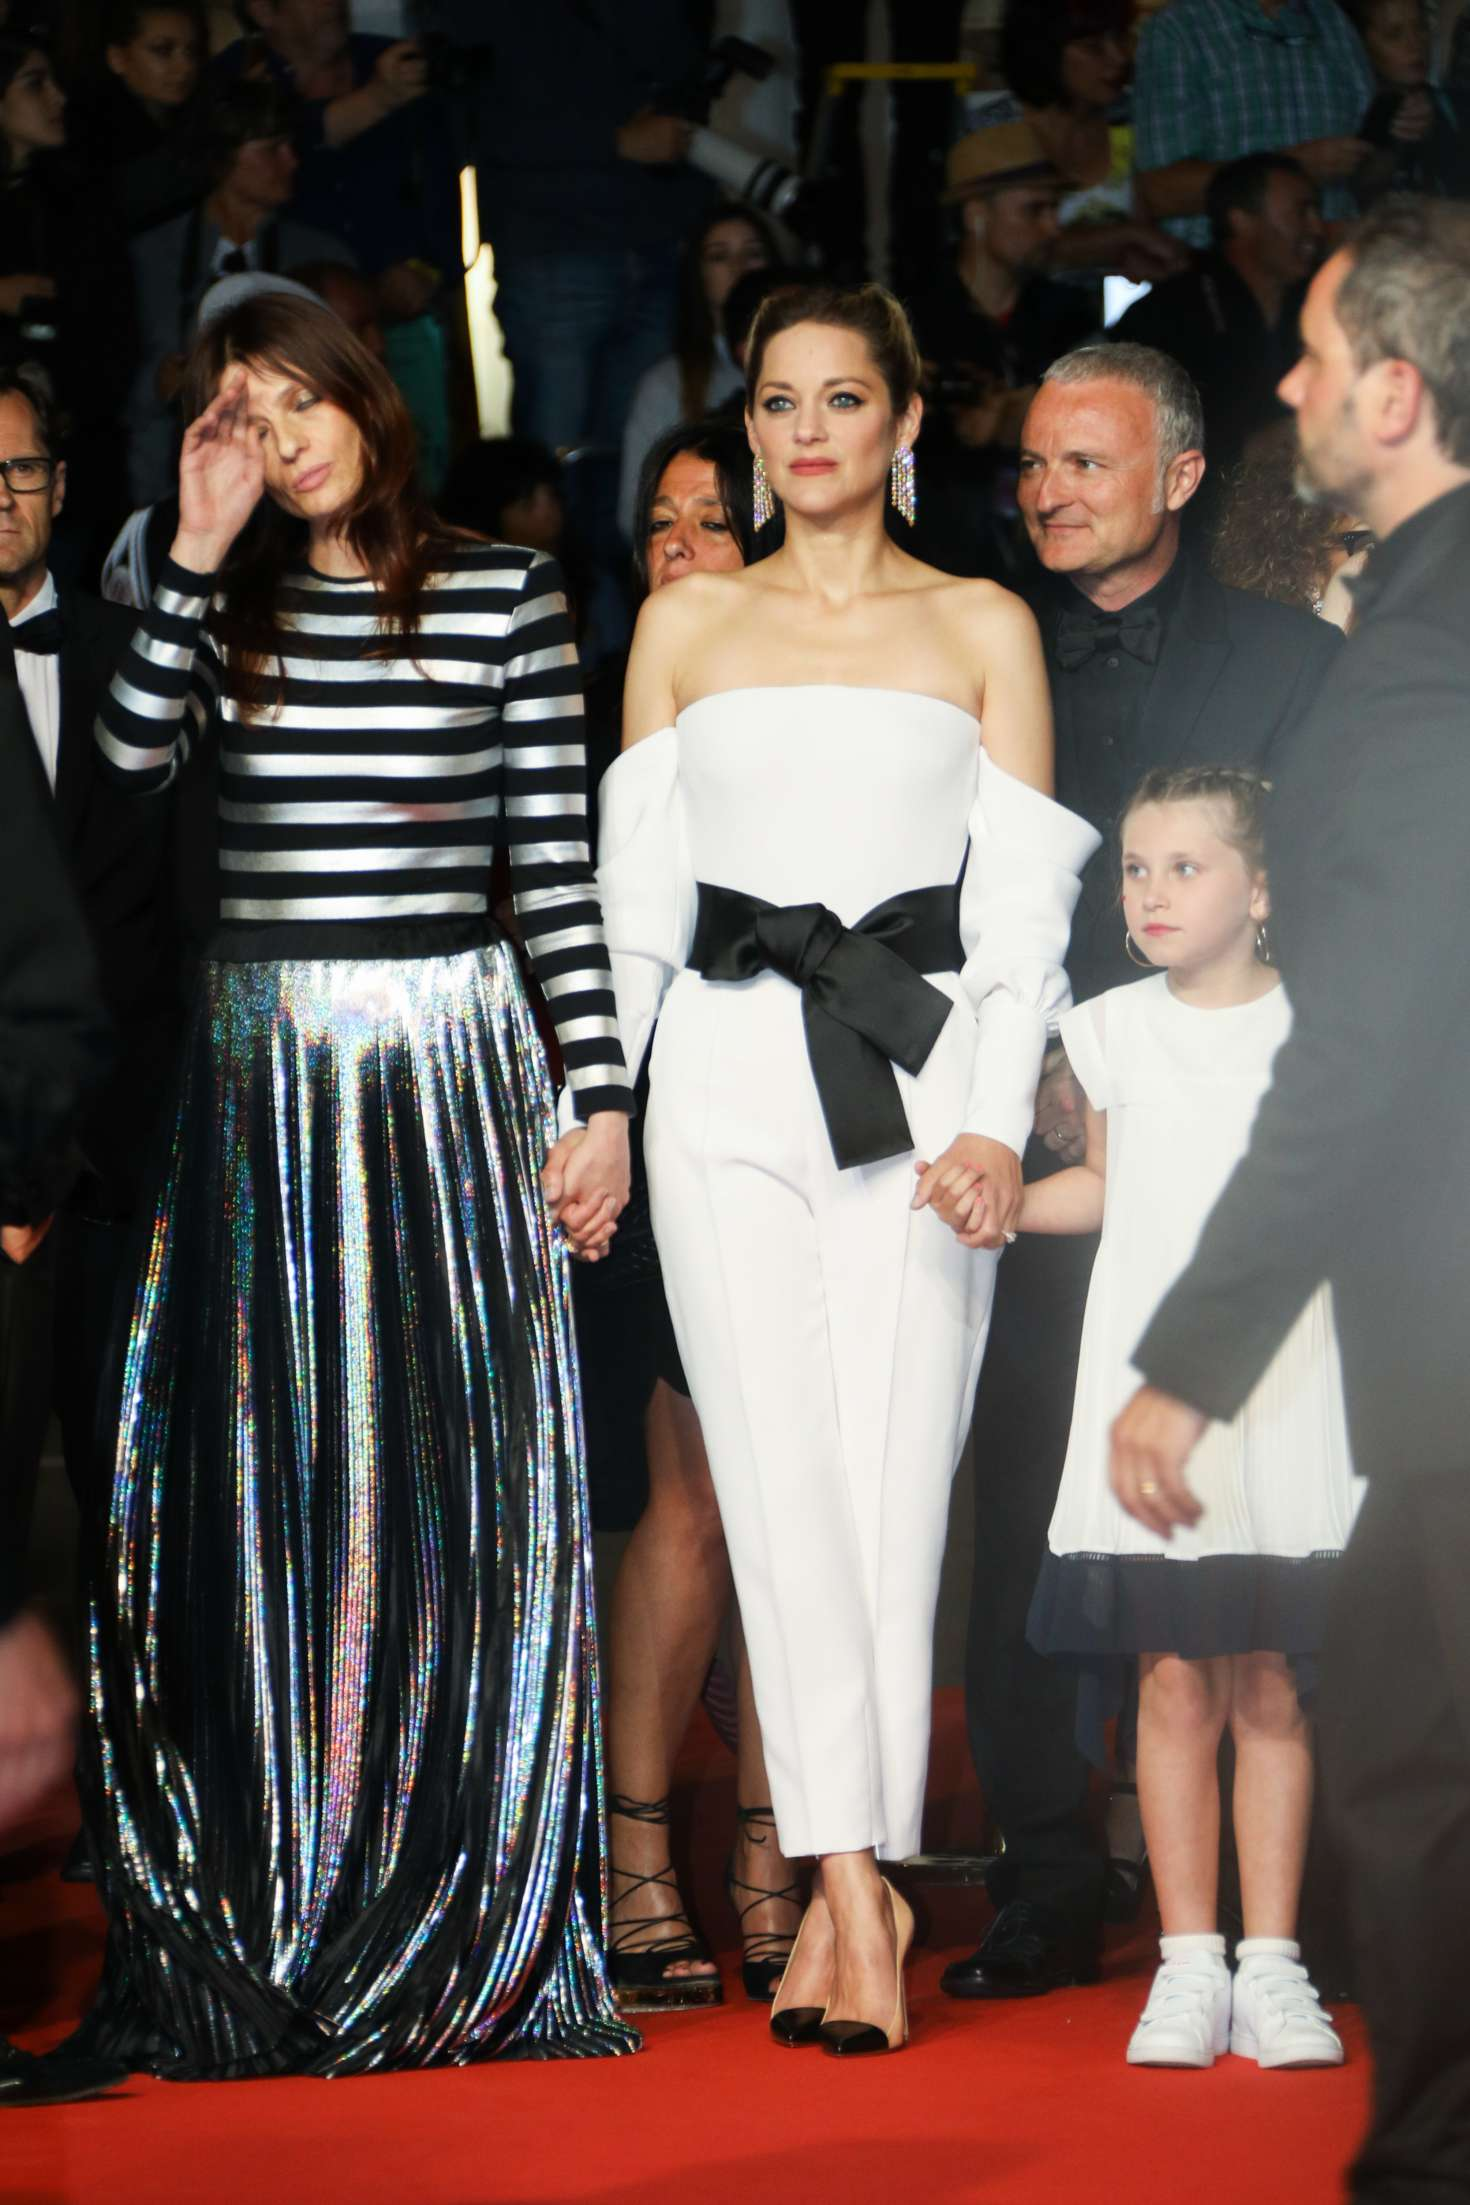 http://www.gotceleb.com/wp-content/uploads/photos/marion-cotillard/3-faces-premiere-at-2018-cannes-film-festival/Marion-Cotillard:-3-Faces-Premiere-at-2018-Cannes-Film-Festival--08.jpg